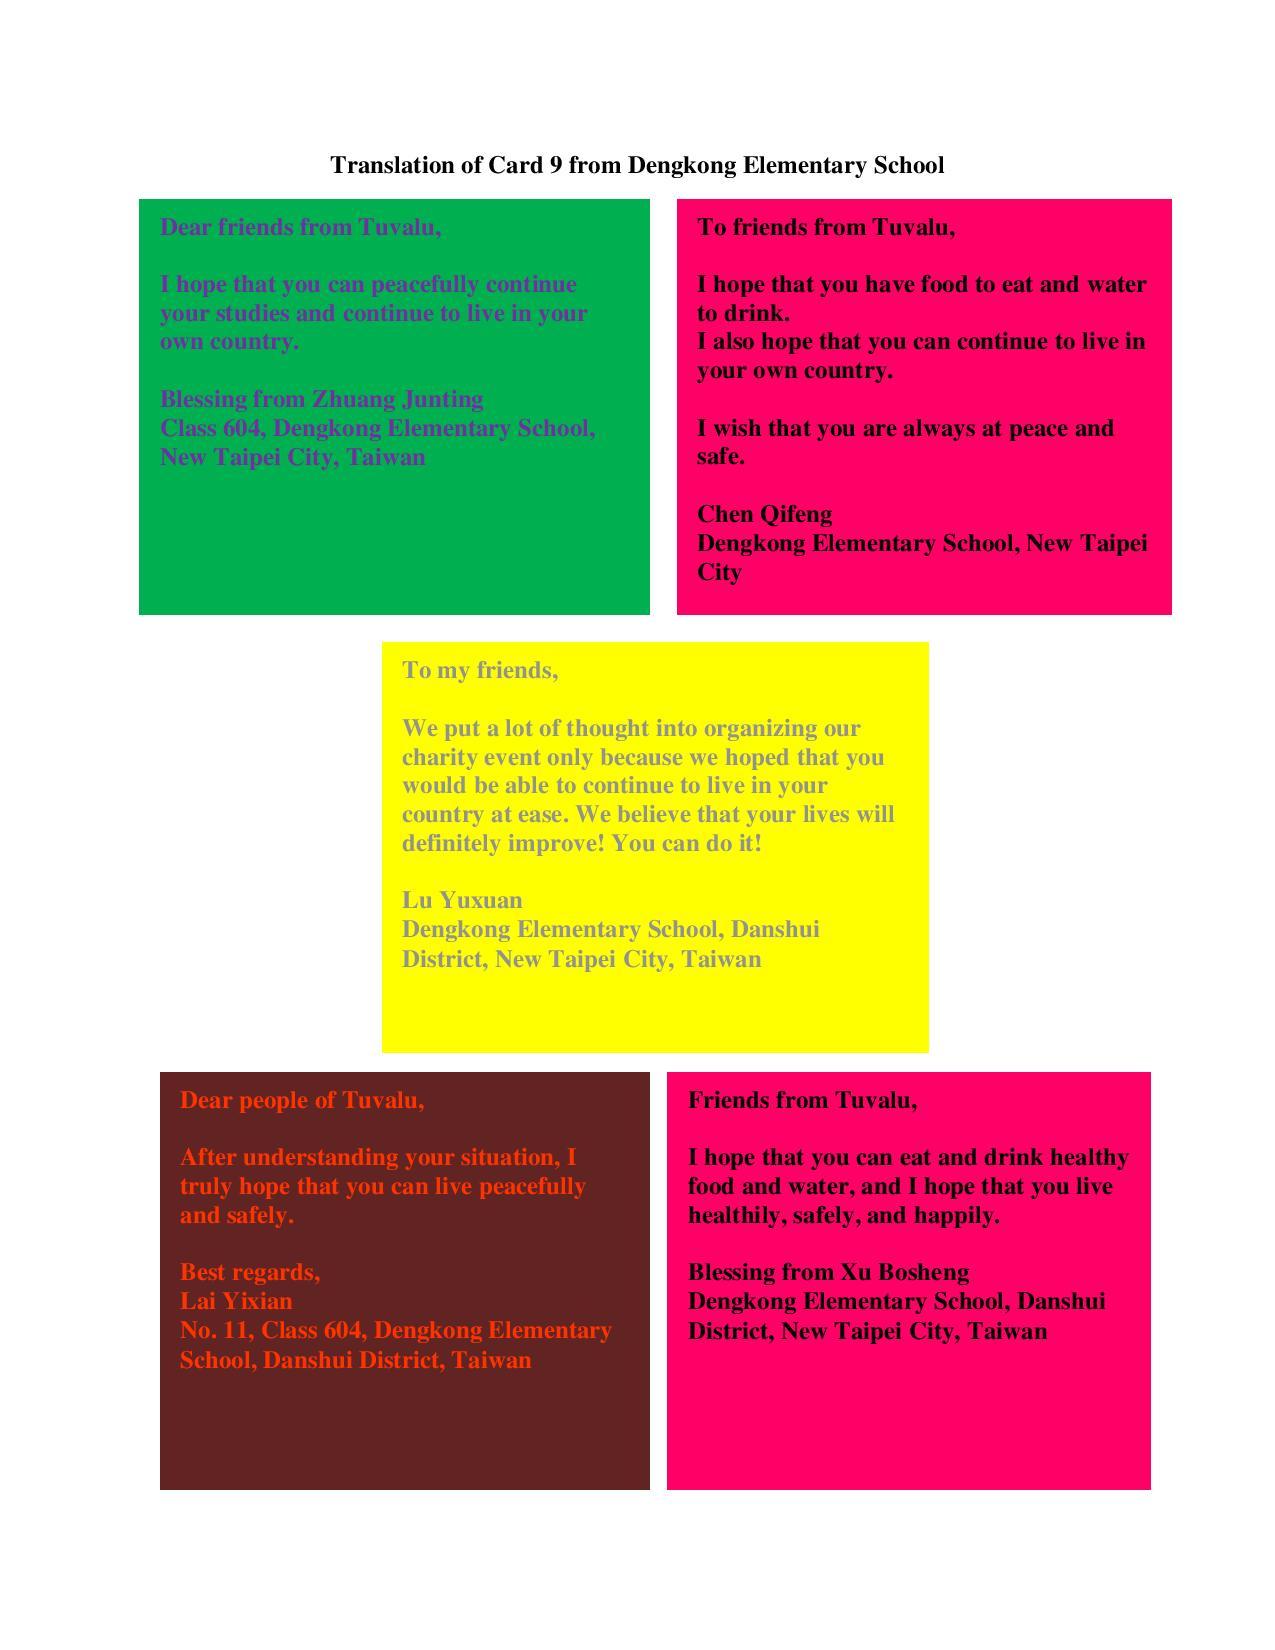 鄧公翻譯2015 0601st Translations of Cards from Dengkong Elementary School-page-002.jpg